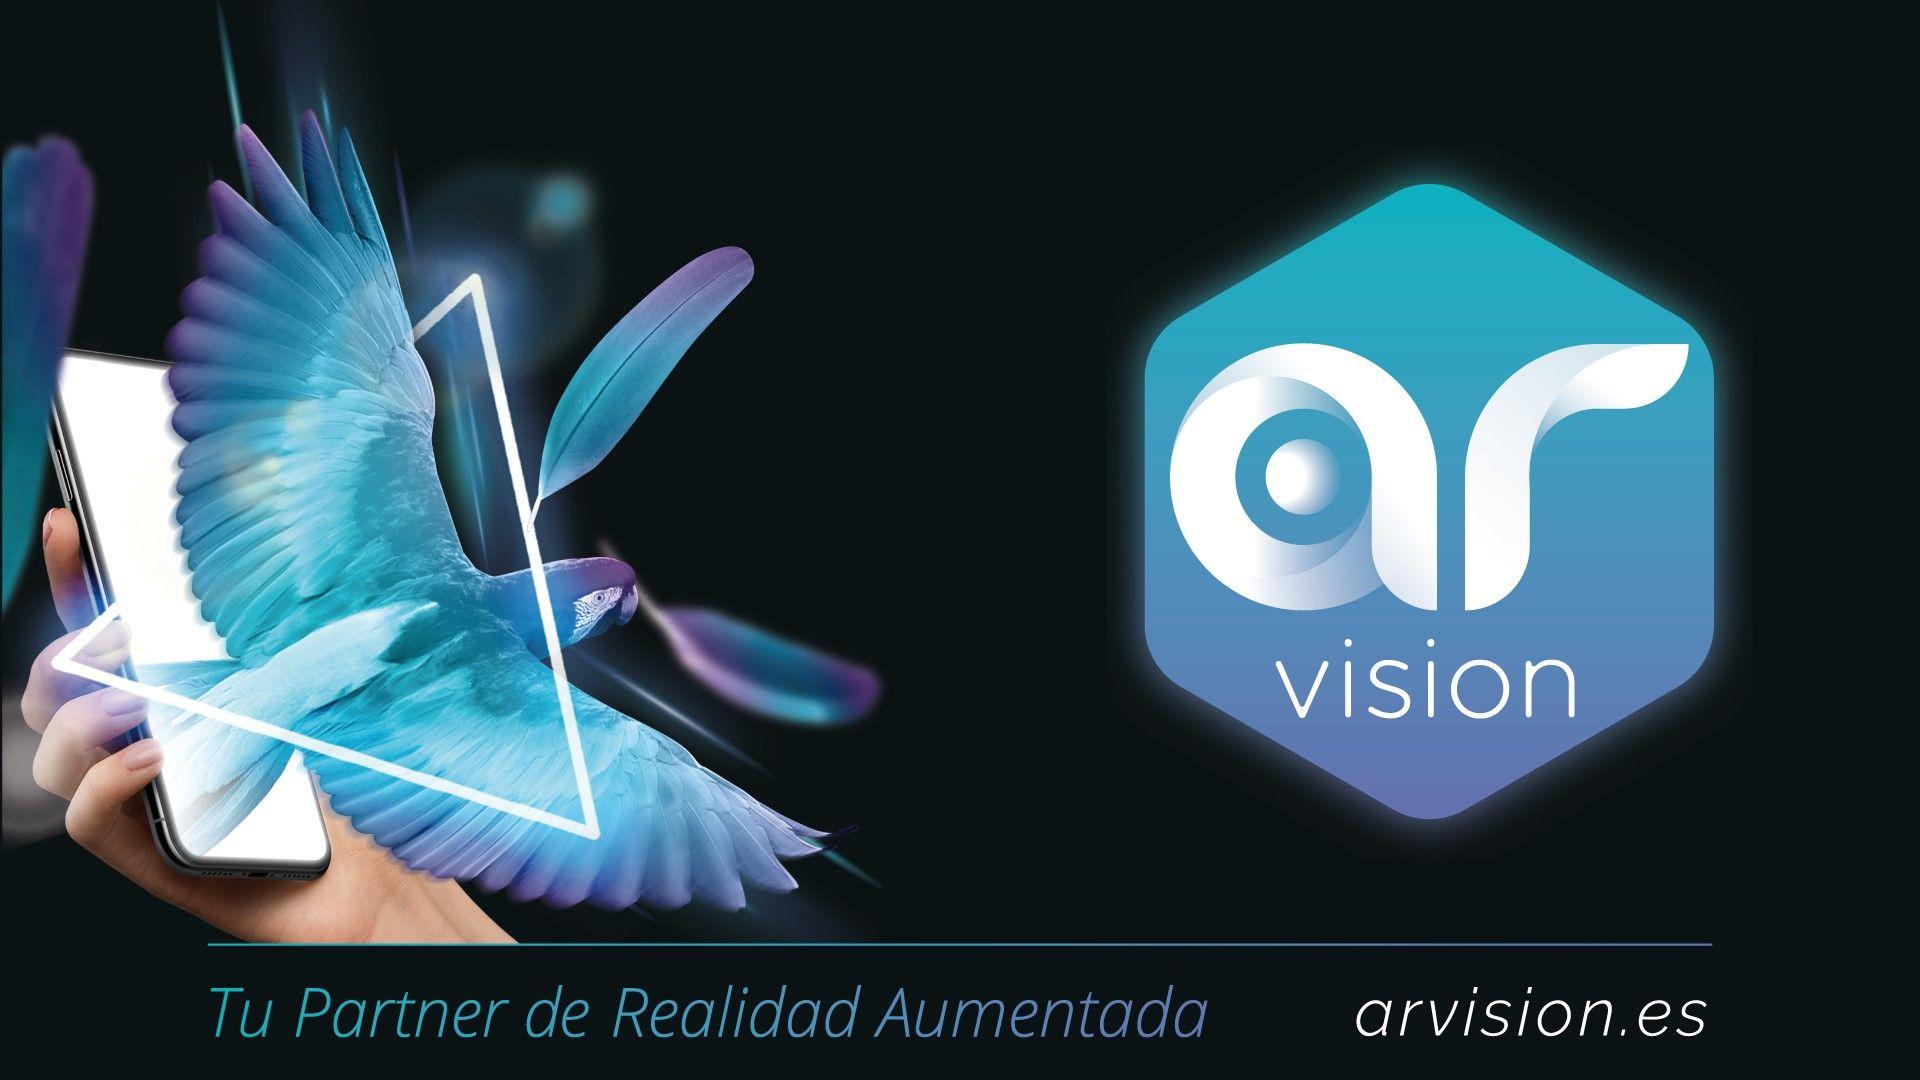 AR Vision cambia la forma de ver el Mundo con la Realidad Aumentada